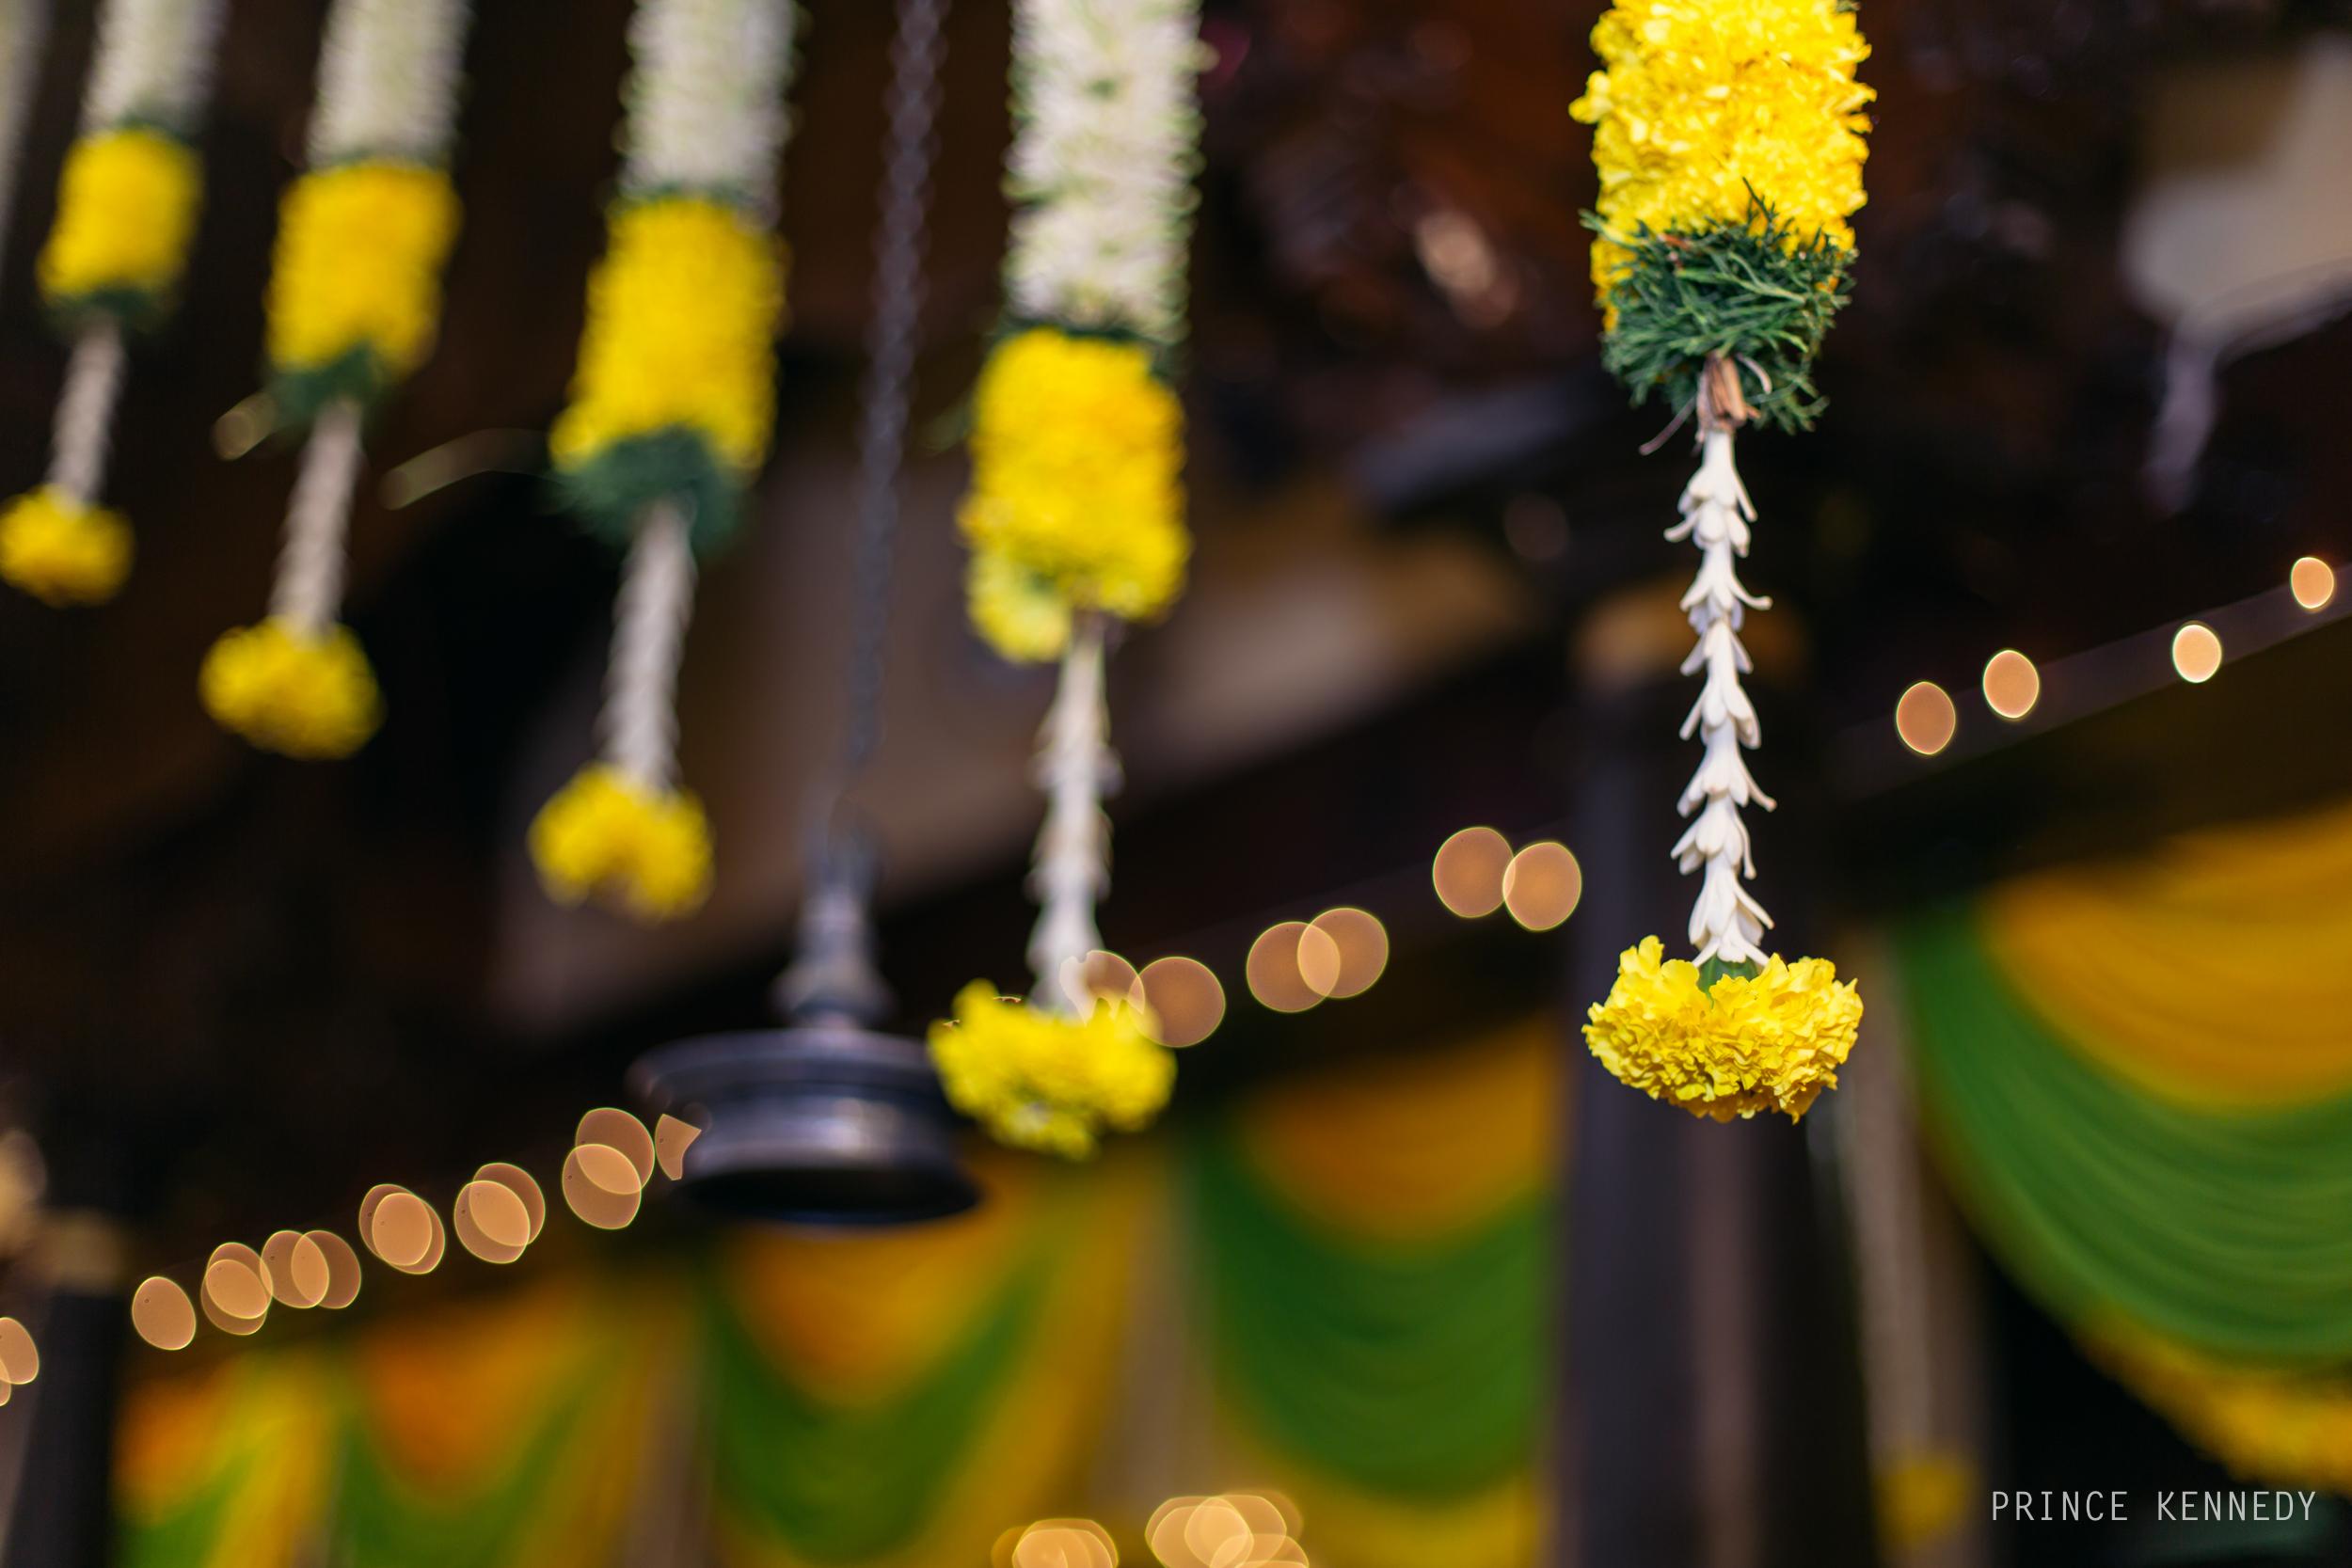 Engagement-Couple-Portrait-Portraiture-Wedding-Couple-Portrait-Chennai-Photographer-Candid-Photography-Destination-Best-Prince-Kennedy-Photography-104.jpg